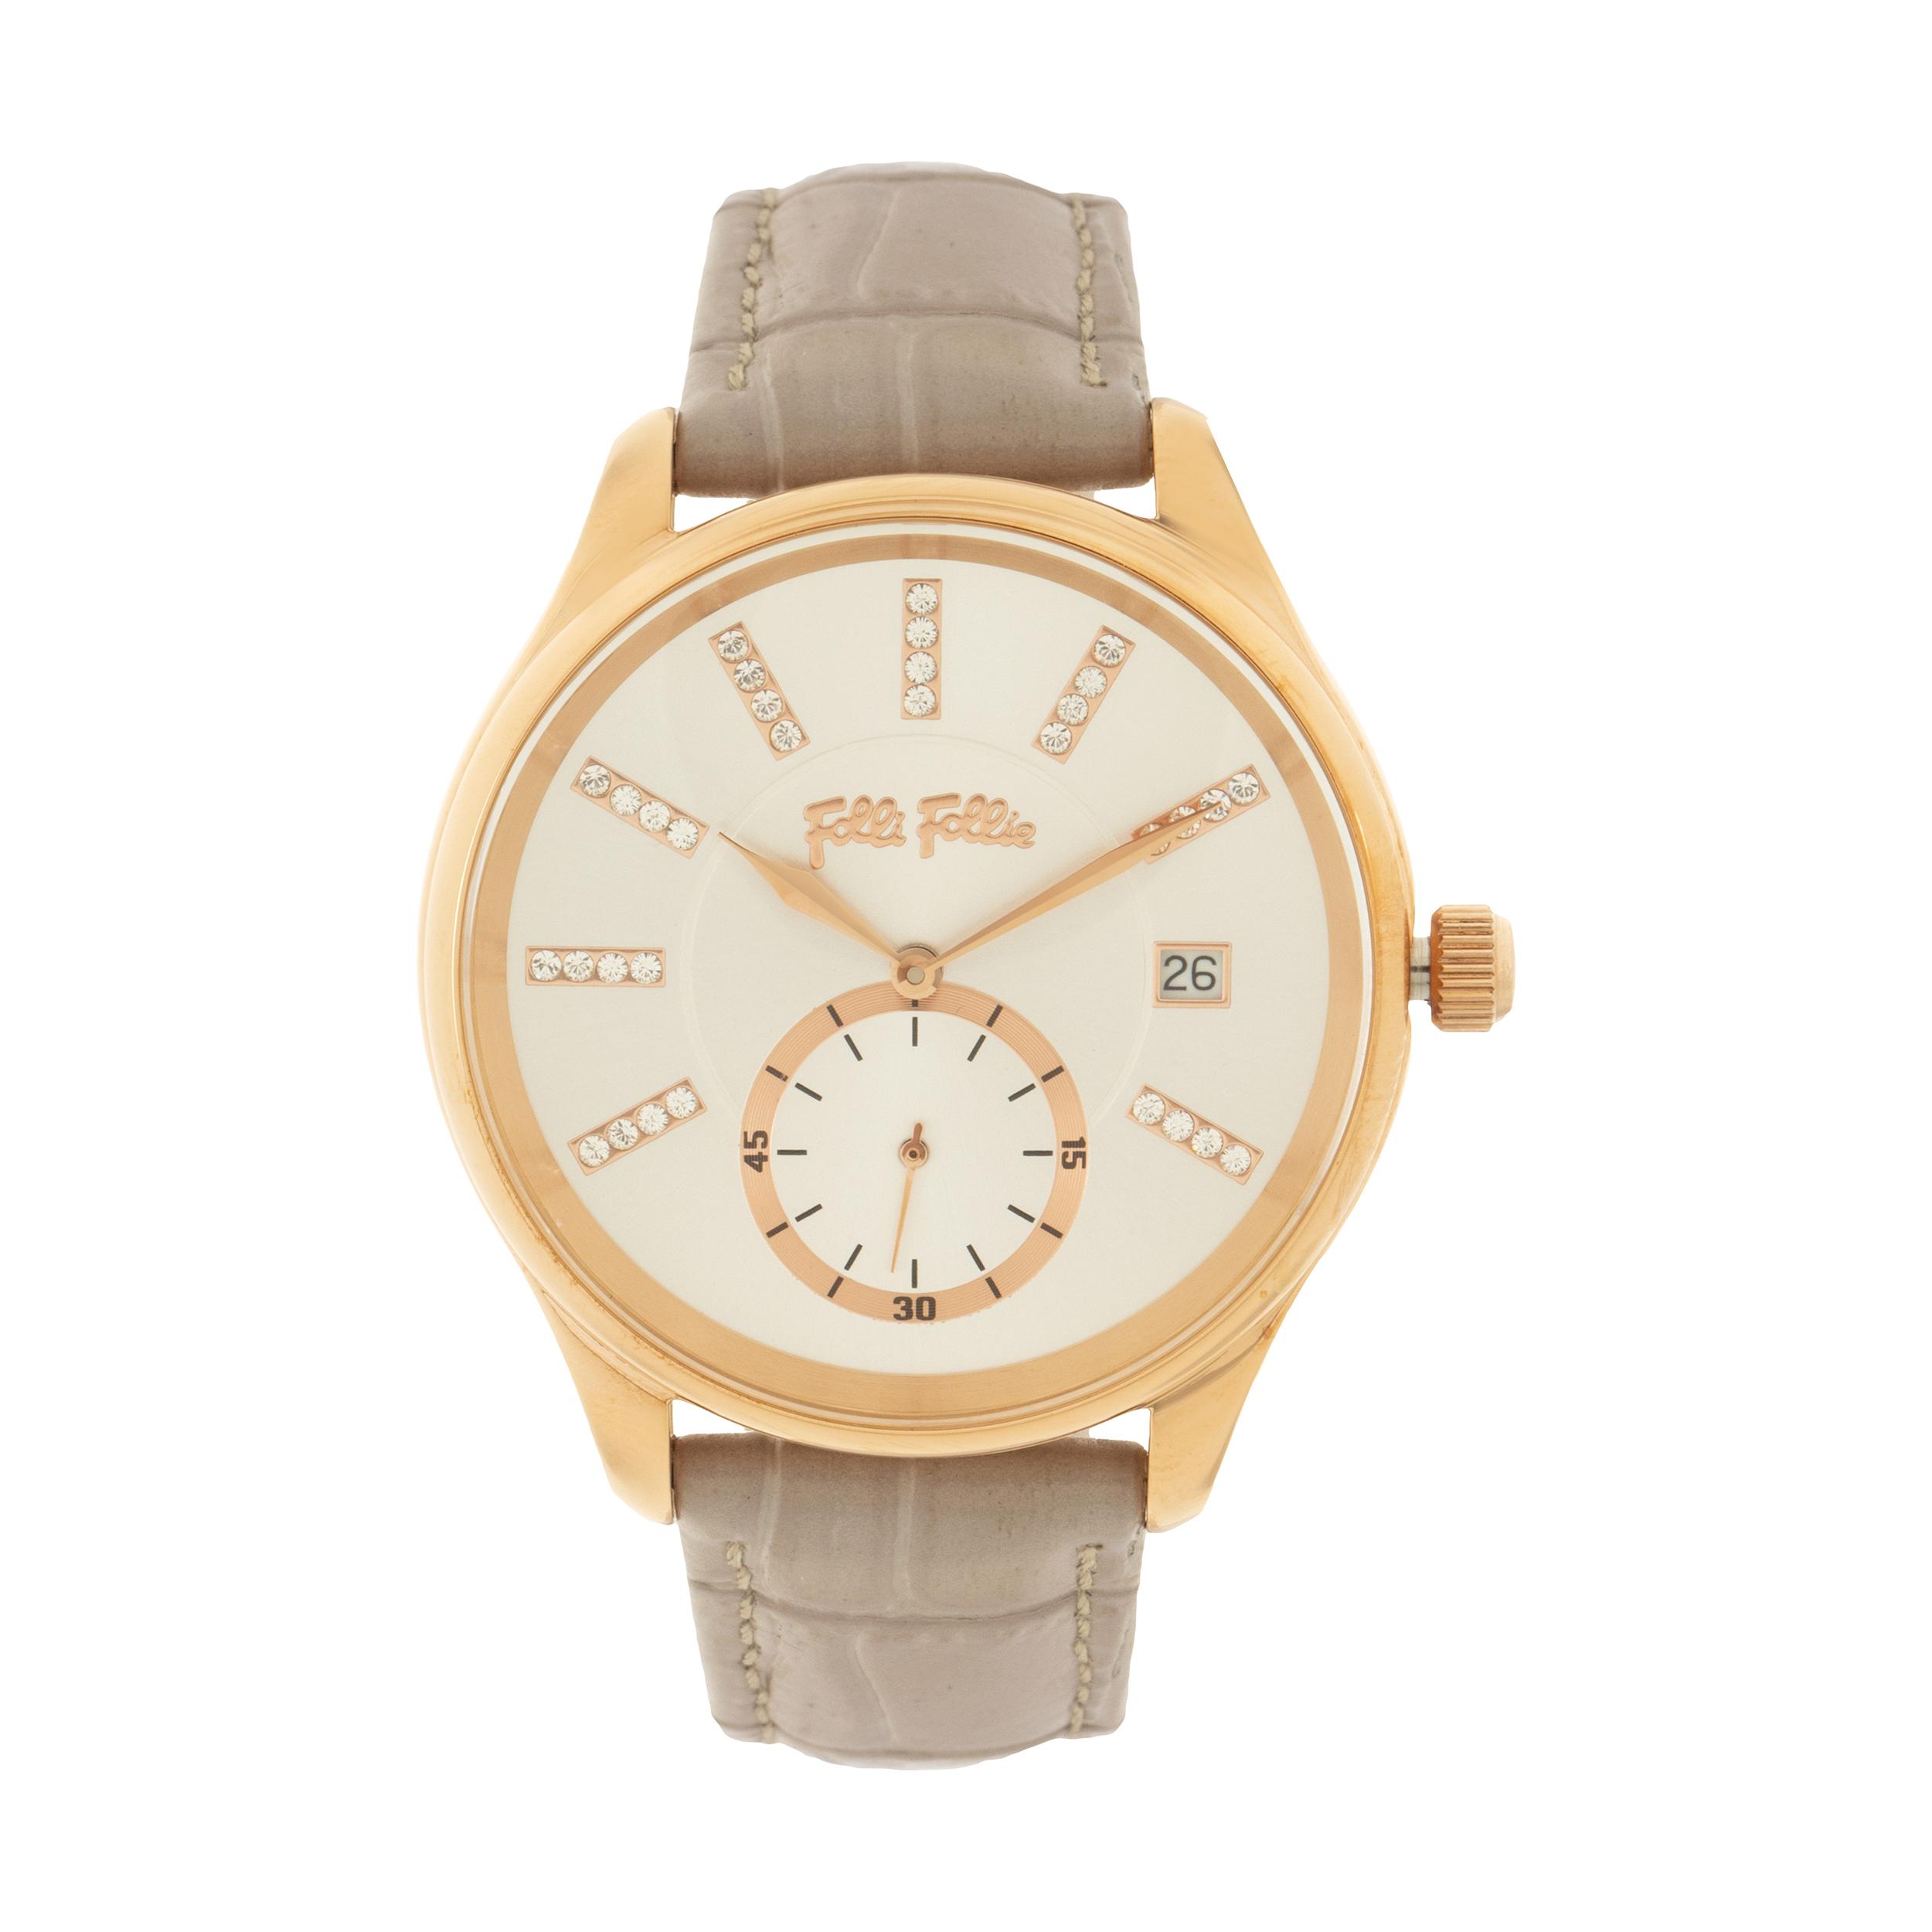 ساعت مچی عقربه ای زنانه فولی فولیه مدل WF18R004STS-GA (بدون جعبه اورجینال)              خرید (⭐️⭐️⭐️)